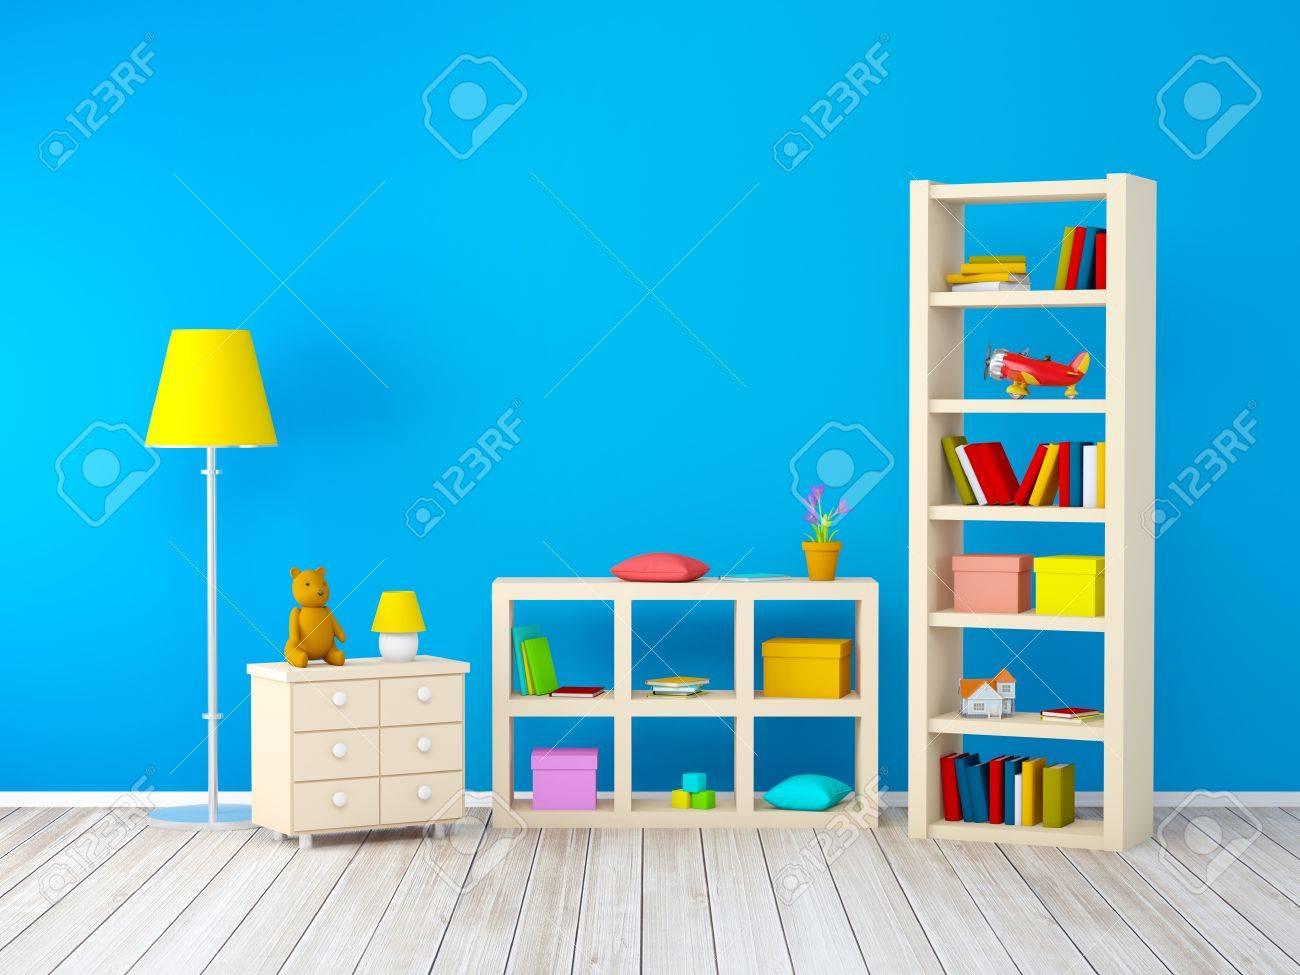 banque dimages chambre denfants avec des bibliothques avec des jouets au mur bleu 3d illustration